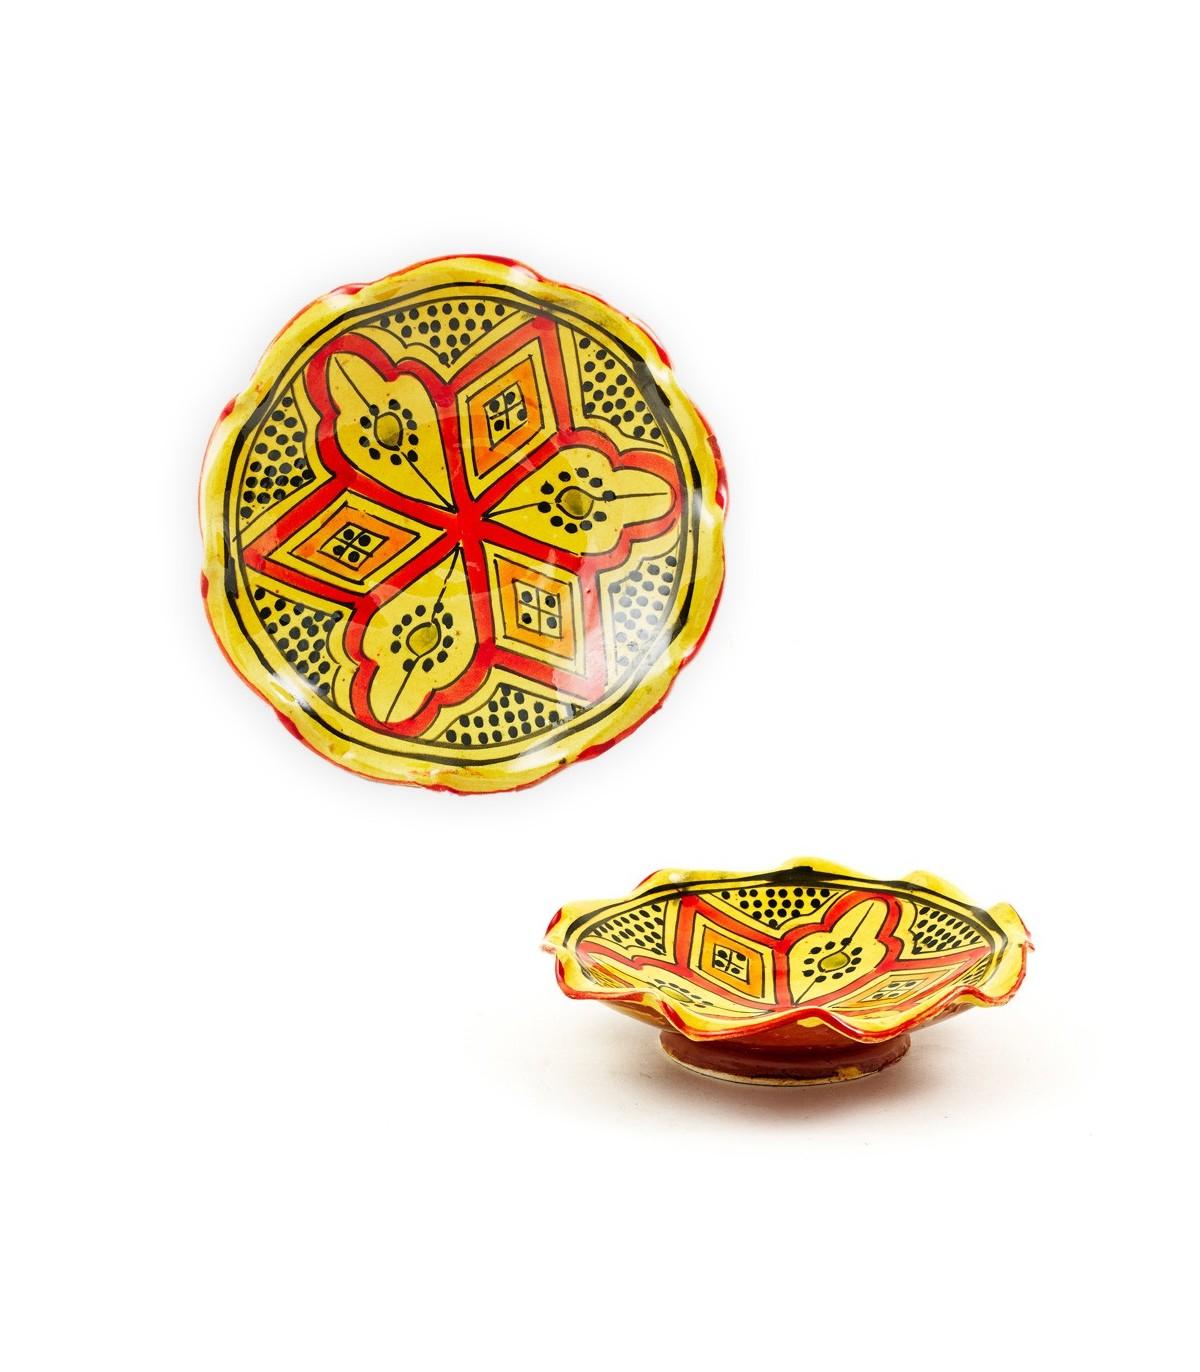 Plato cer mica ondulado varios colores artesano 15 cm online - Platos ceramica colores ...